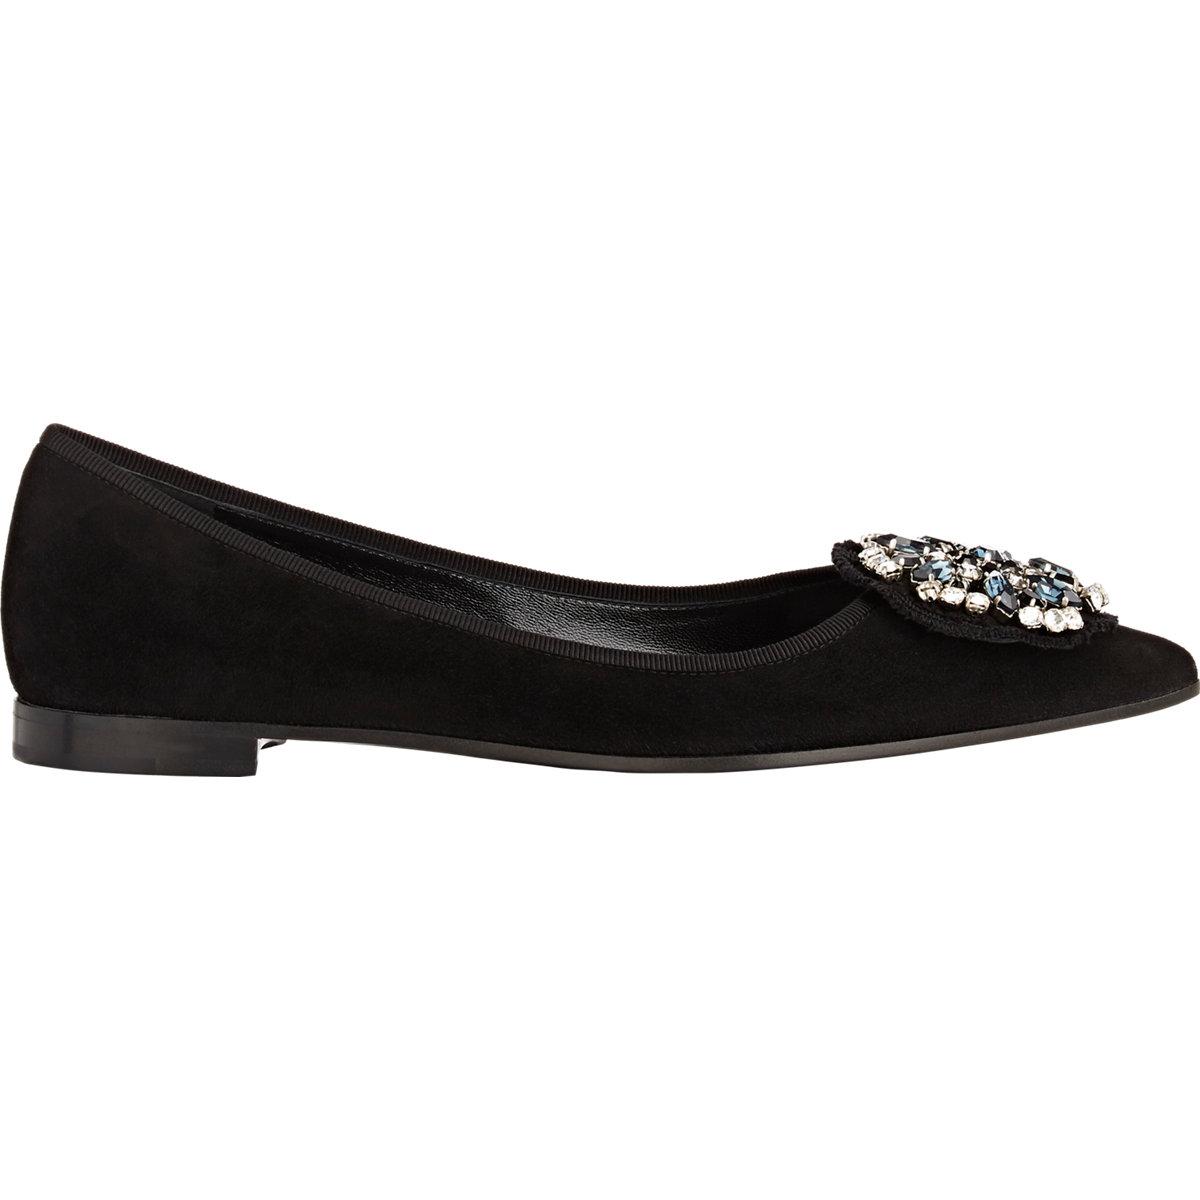 Prada Embellished Leather Flats footlocker pictures for sale footlocker finishline sale online u1EtWkJm